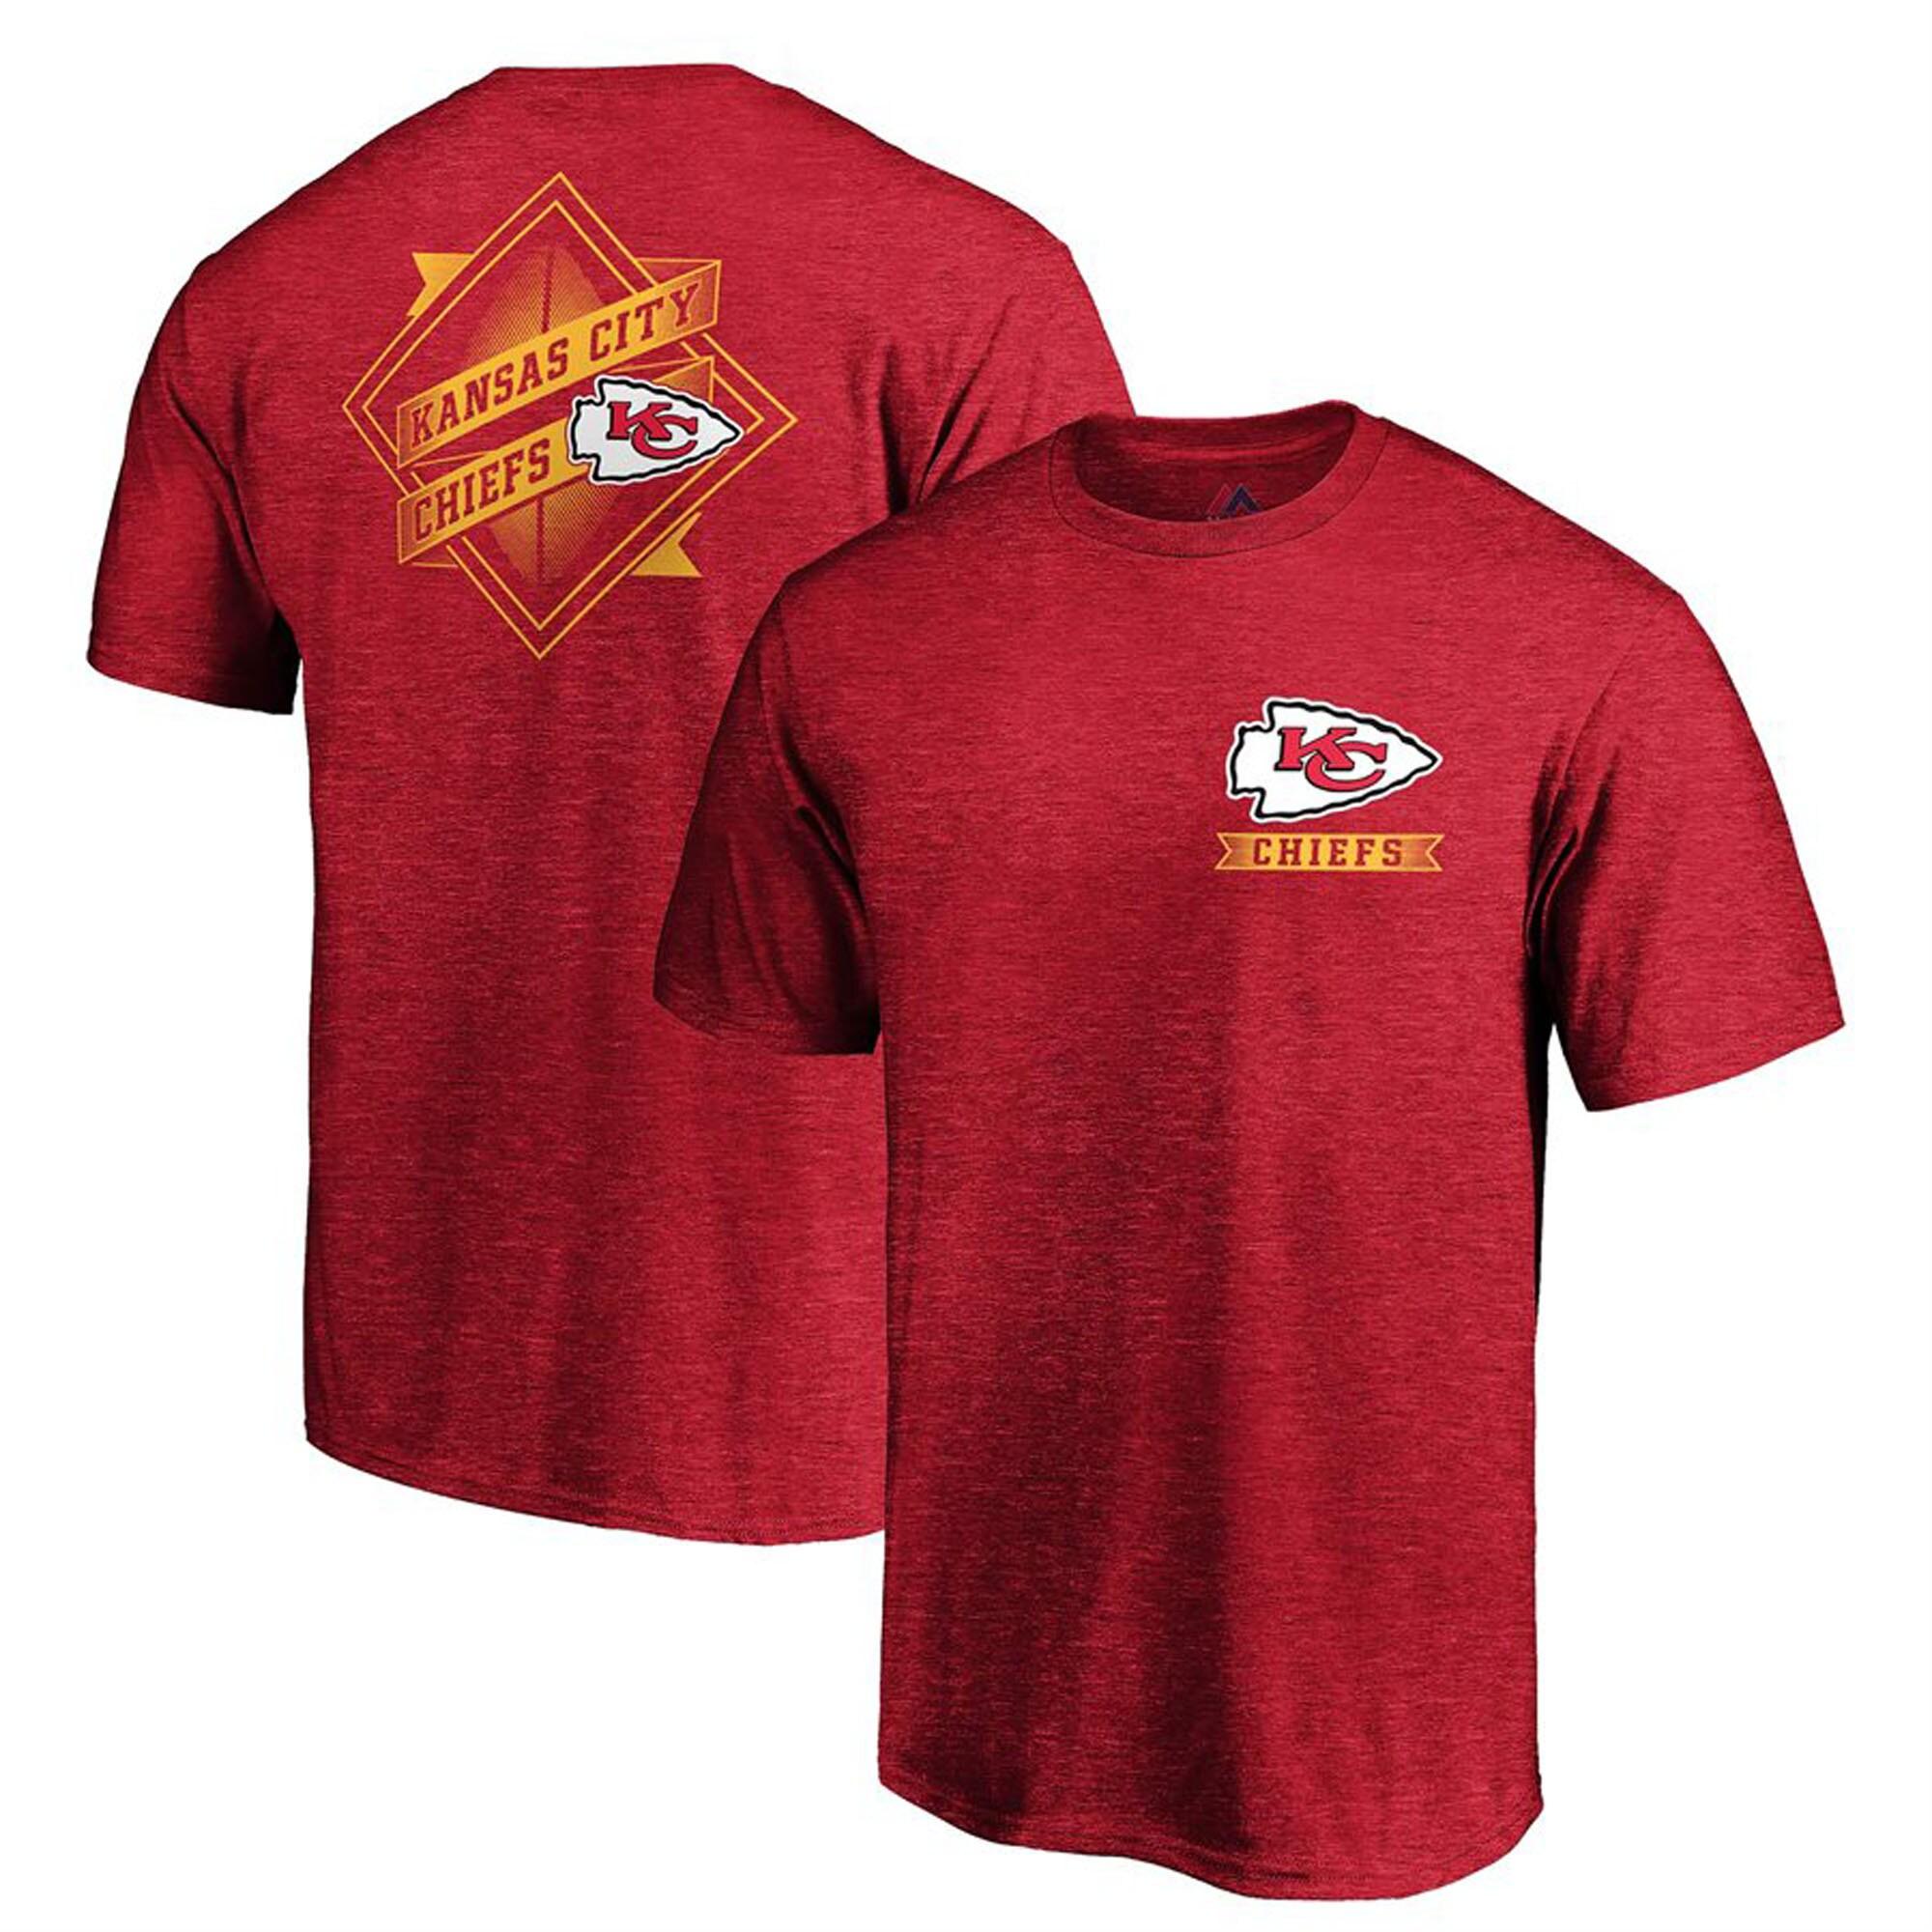 Kansas City Chiefs Majestic Iconic Diamond Scroll T-Shirt - Heathered Red